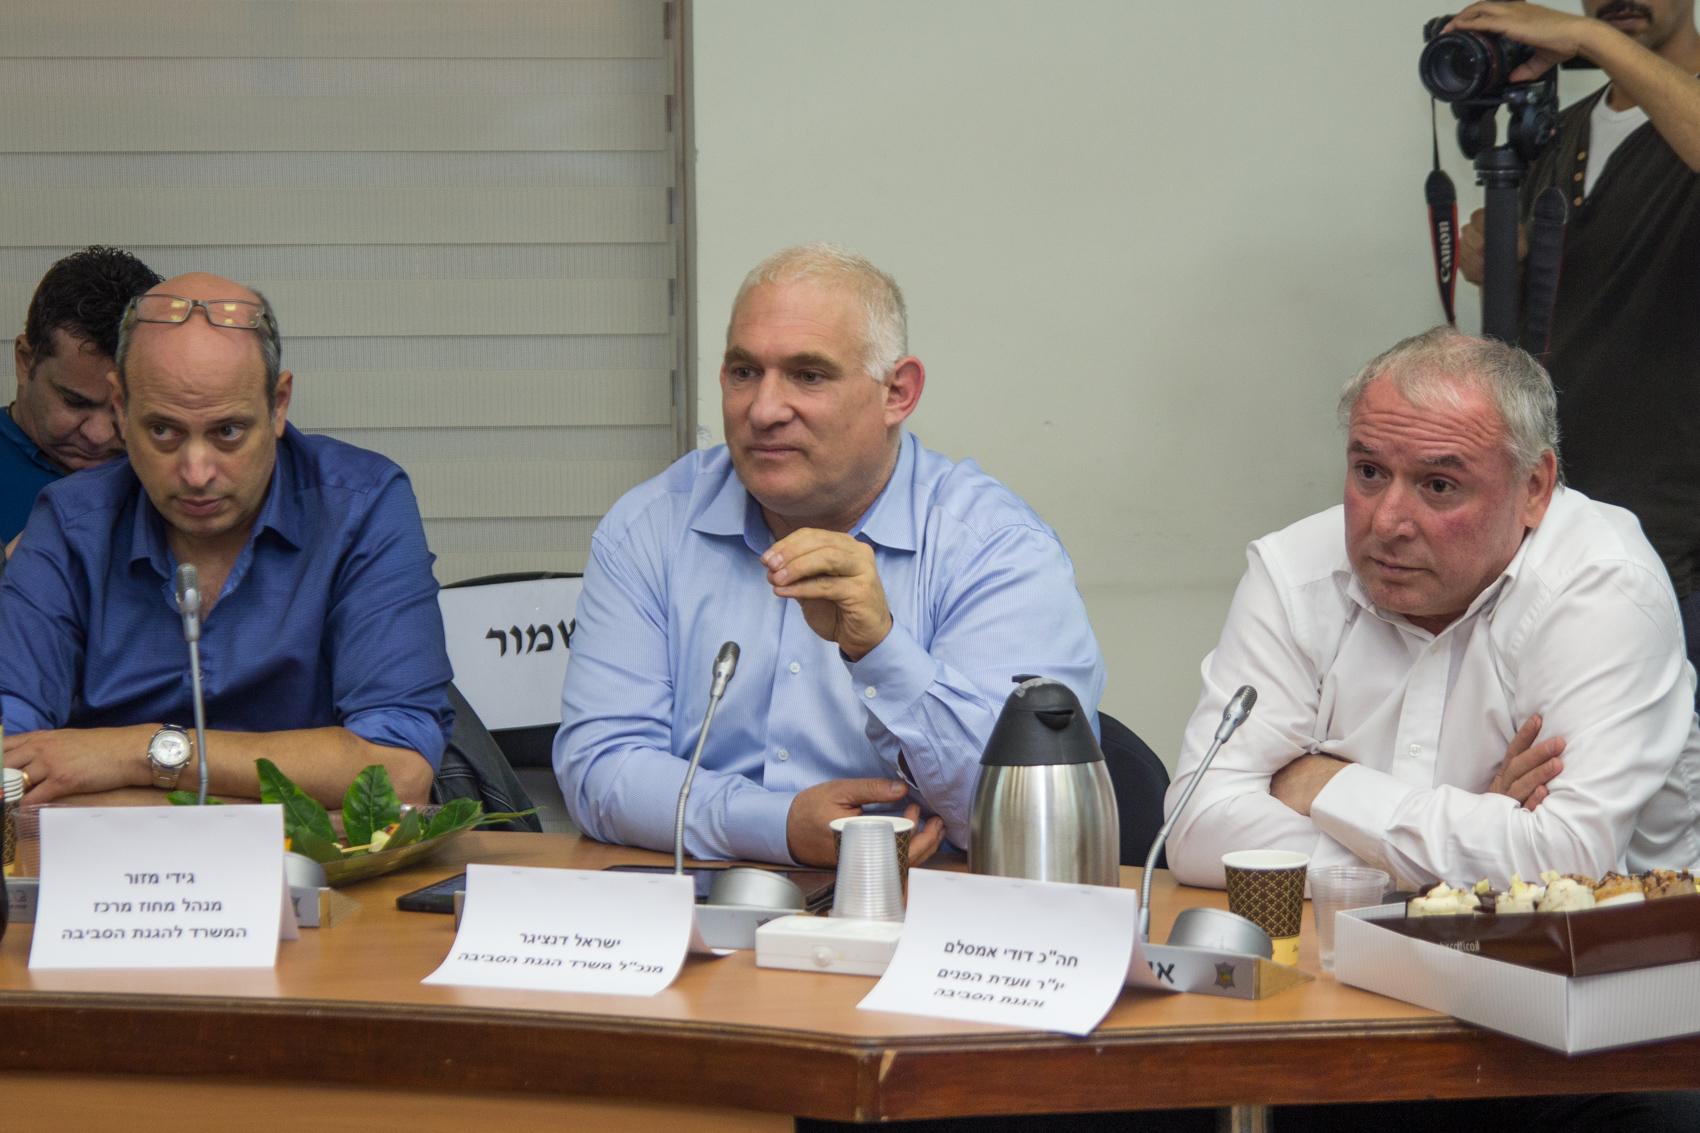 דיון חירום: הפלסטינים מרעילים בשריפת פסולת